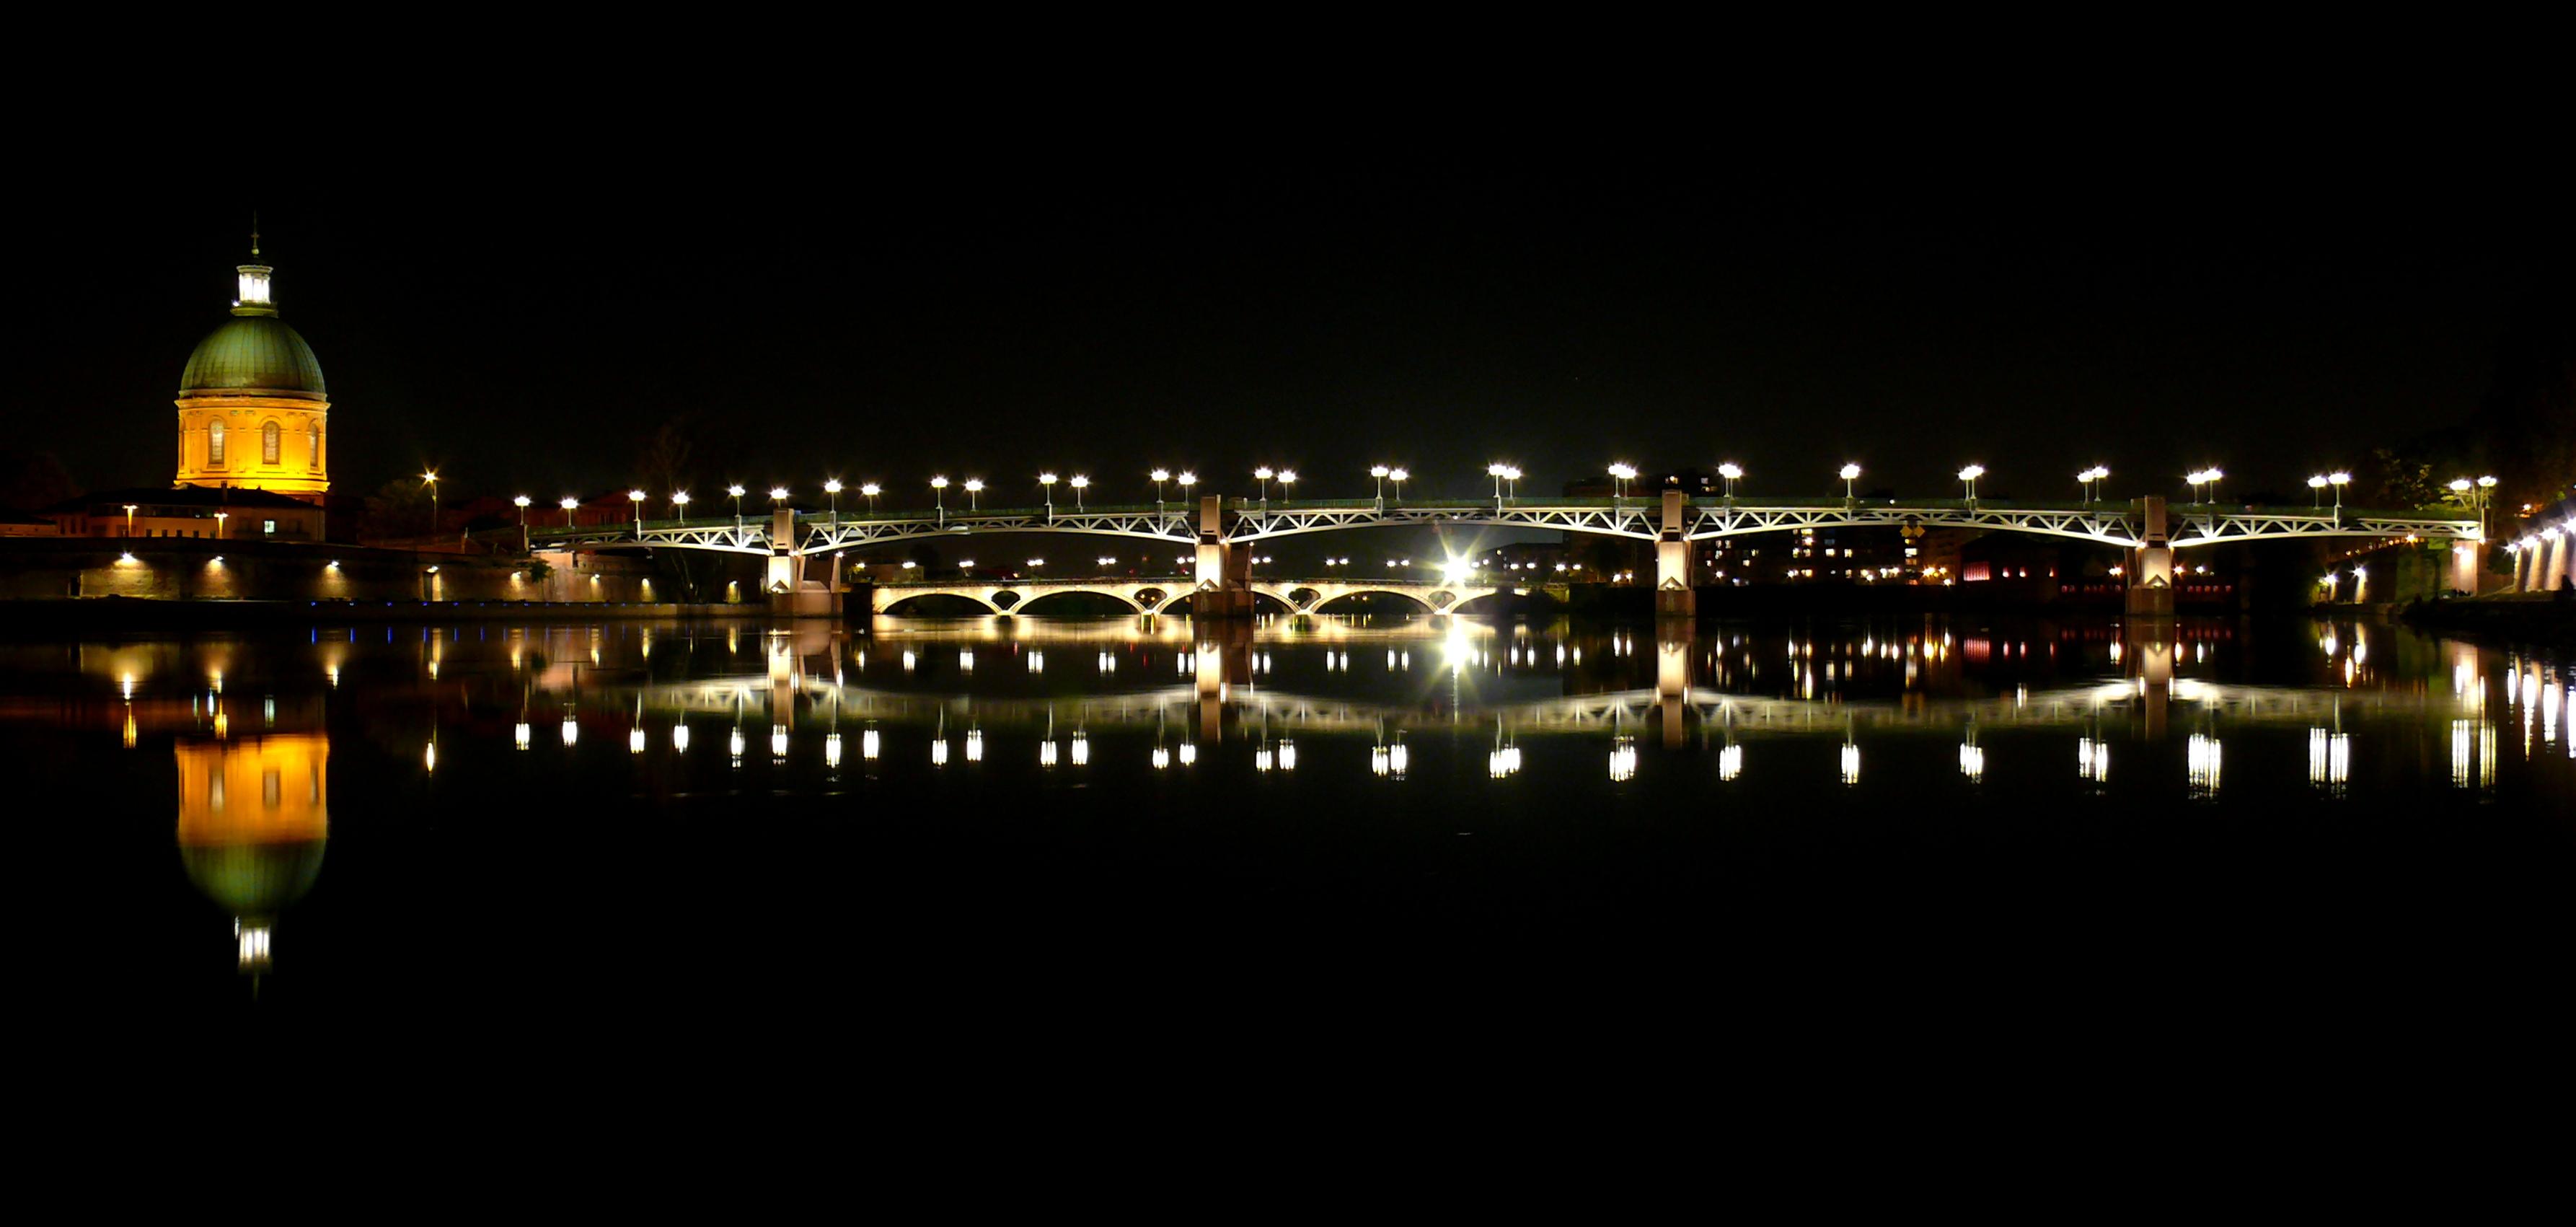 La ville rose - Piscine pont st pierre 27 ...